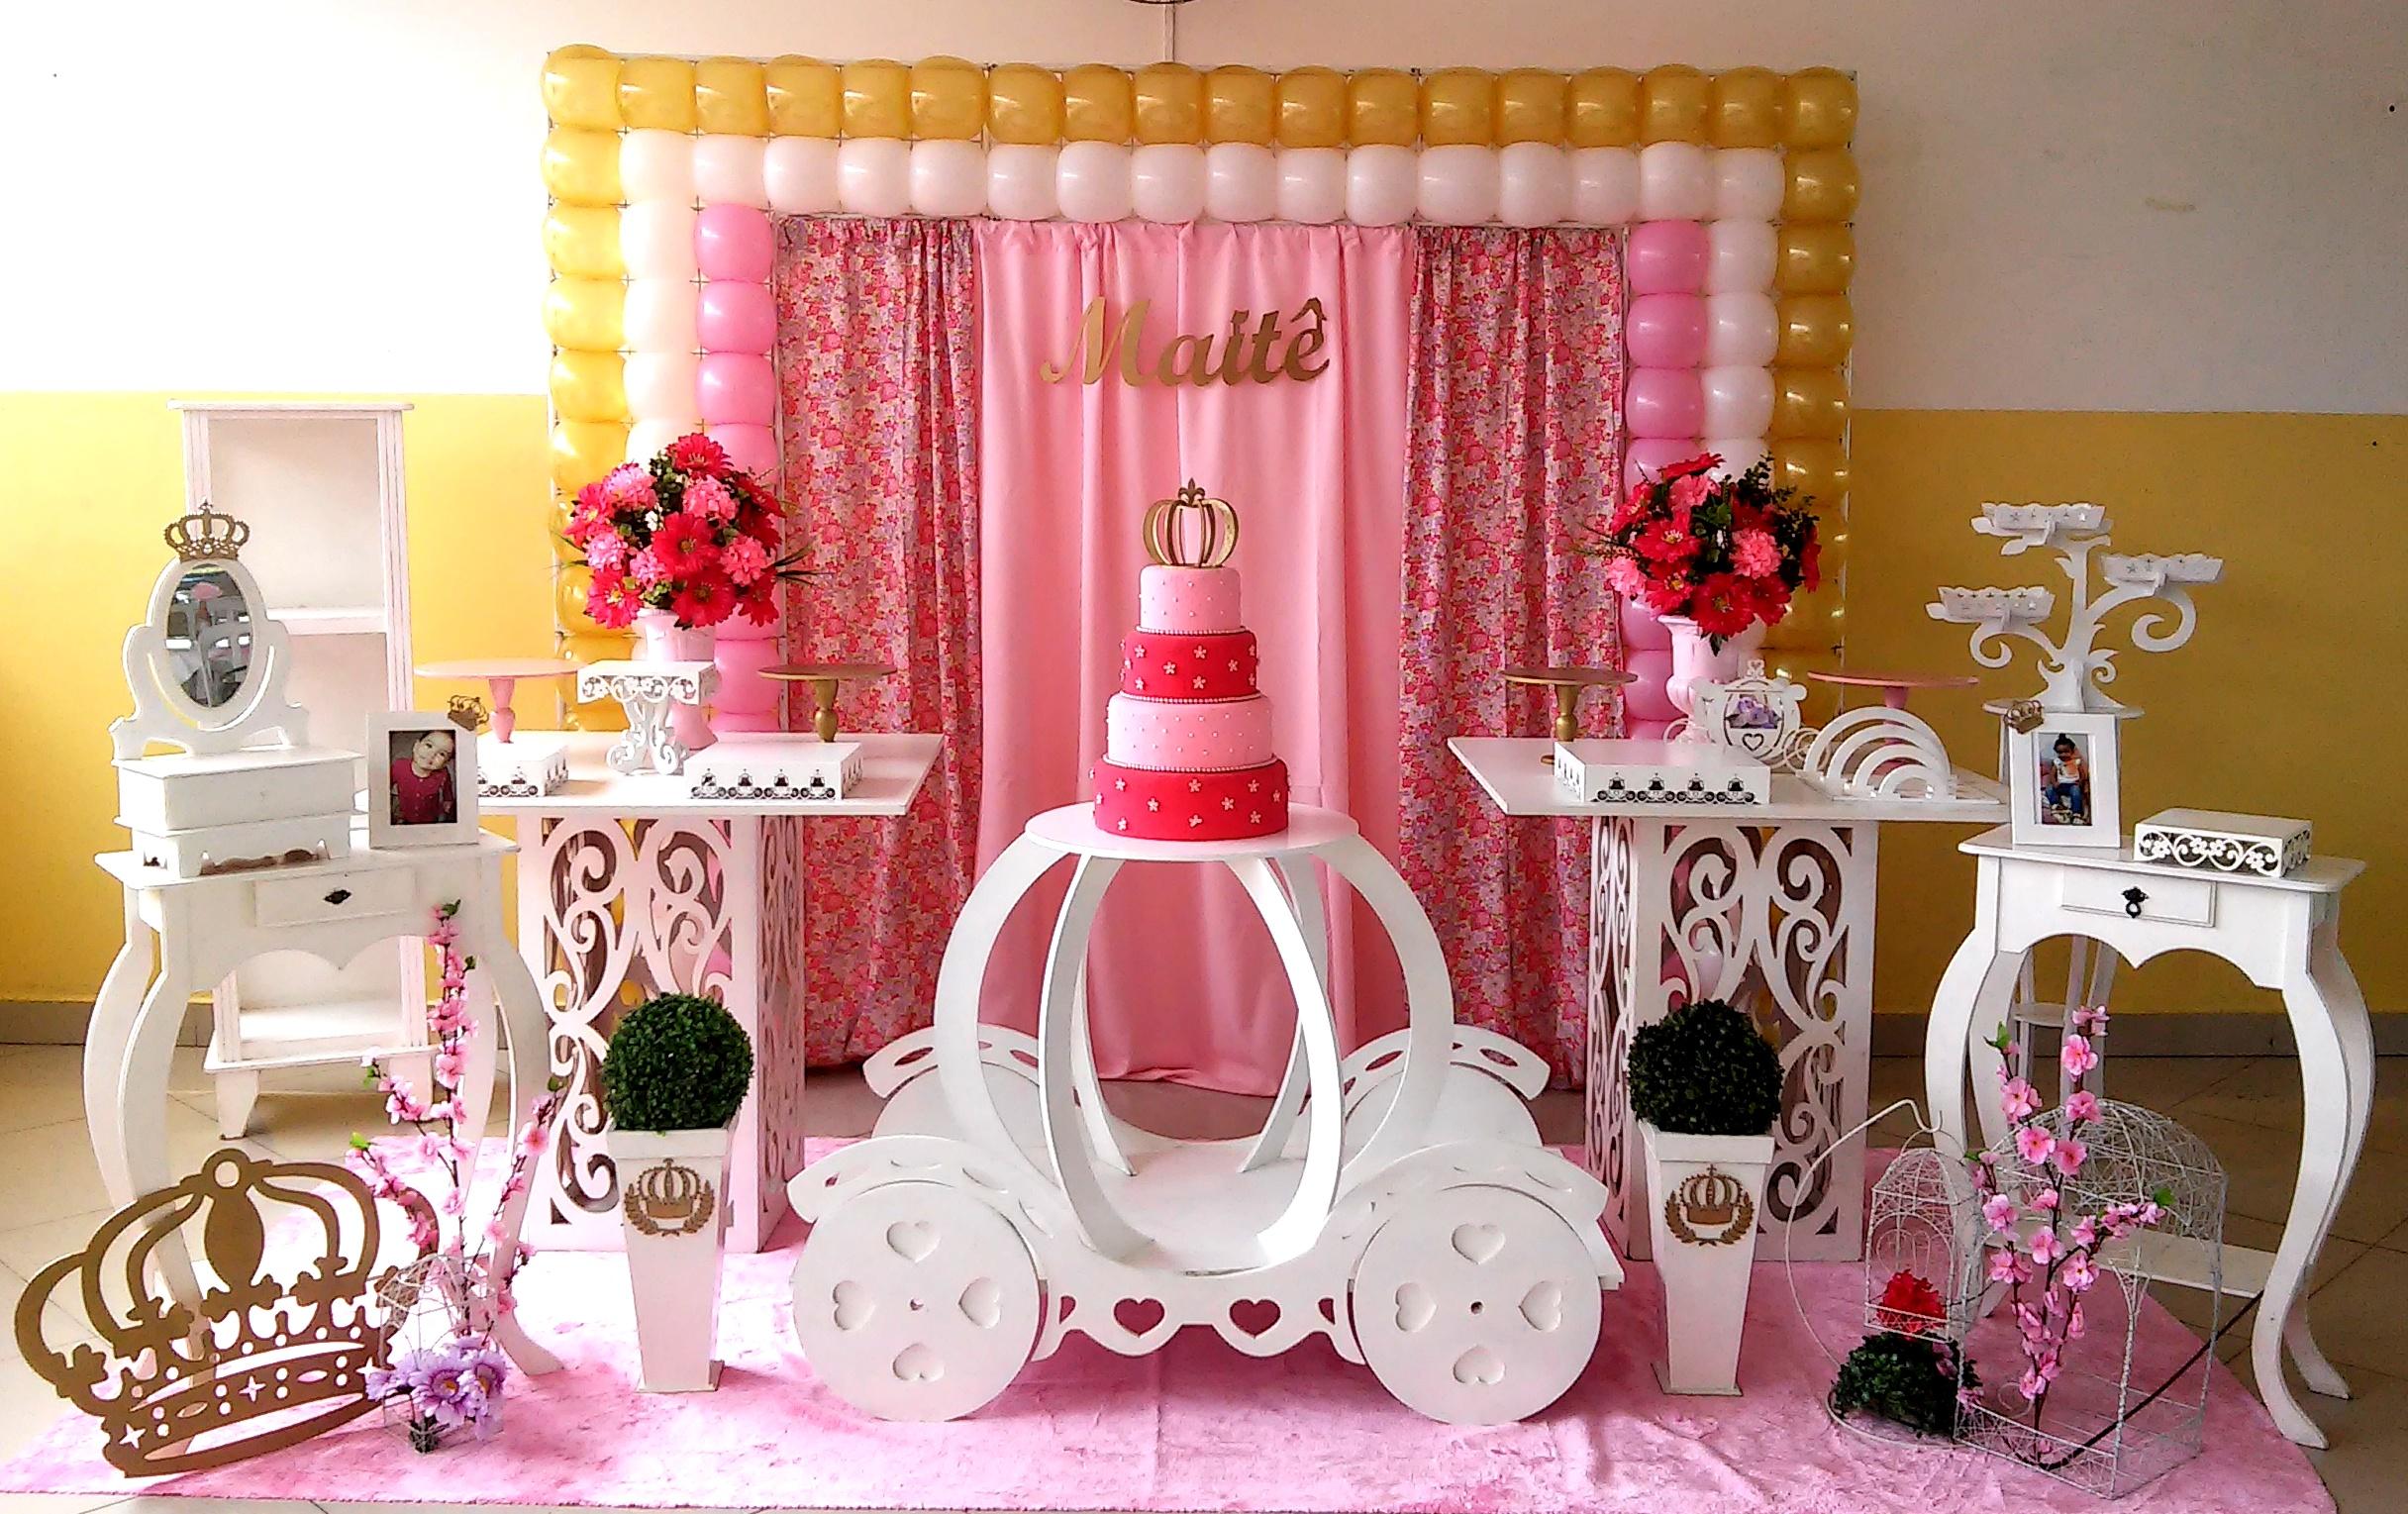 Festa Realeza Decoraç u00e3o Provençal Rede Festas Decorações Elo7 -> Decoração De Festa Infantil Realeza Luxo